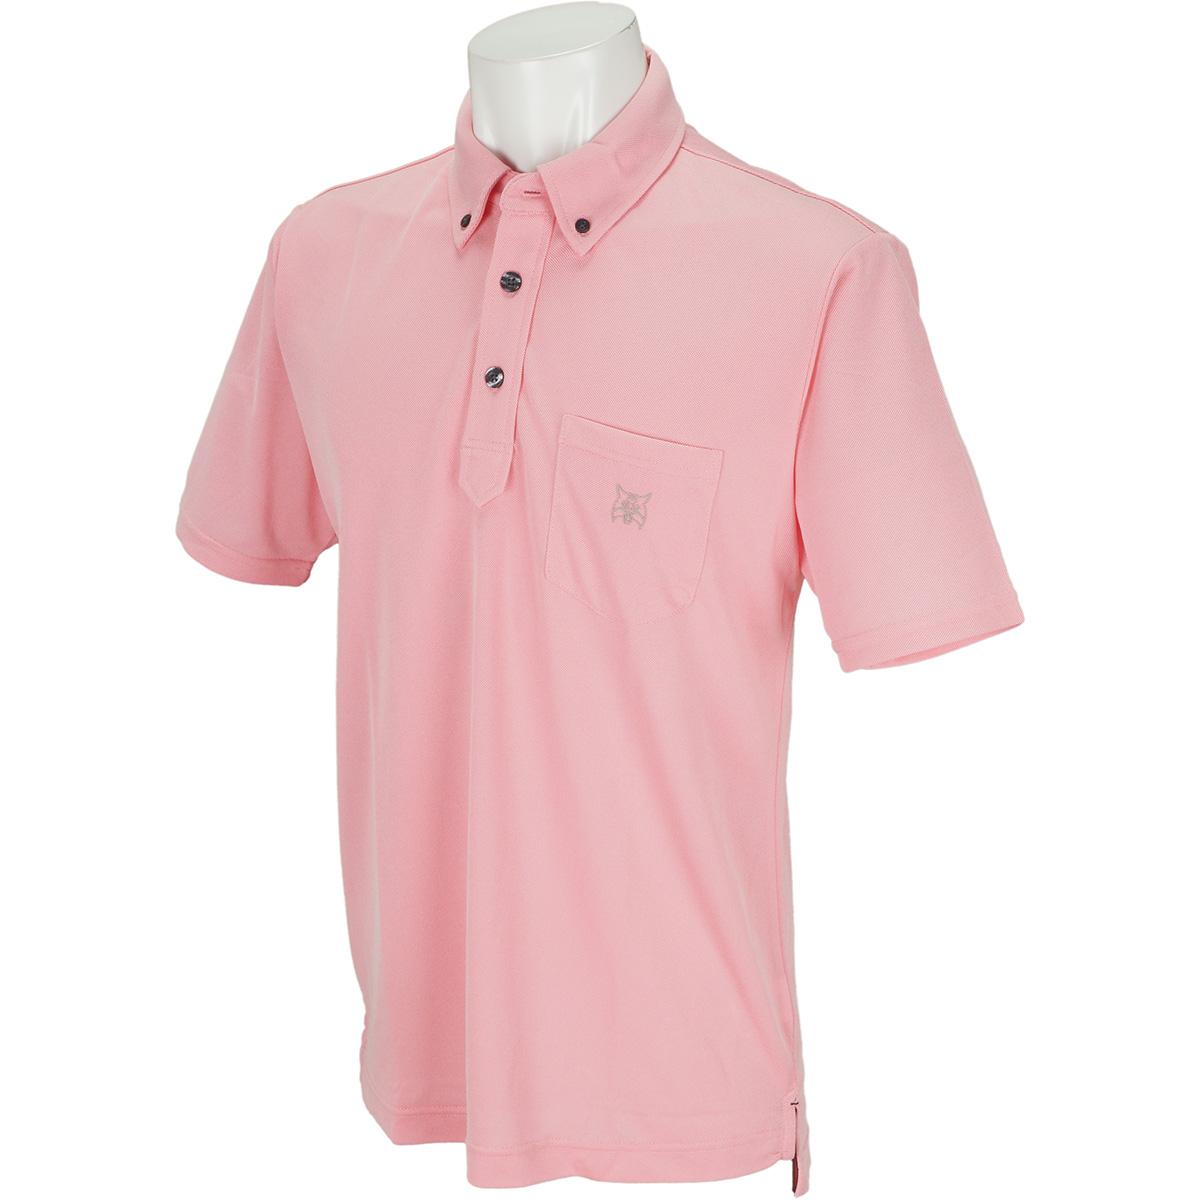 ポケット付きボタンダウン半袖ポロシャツ